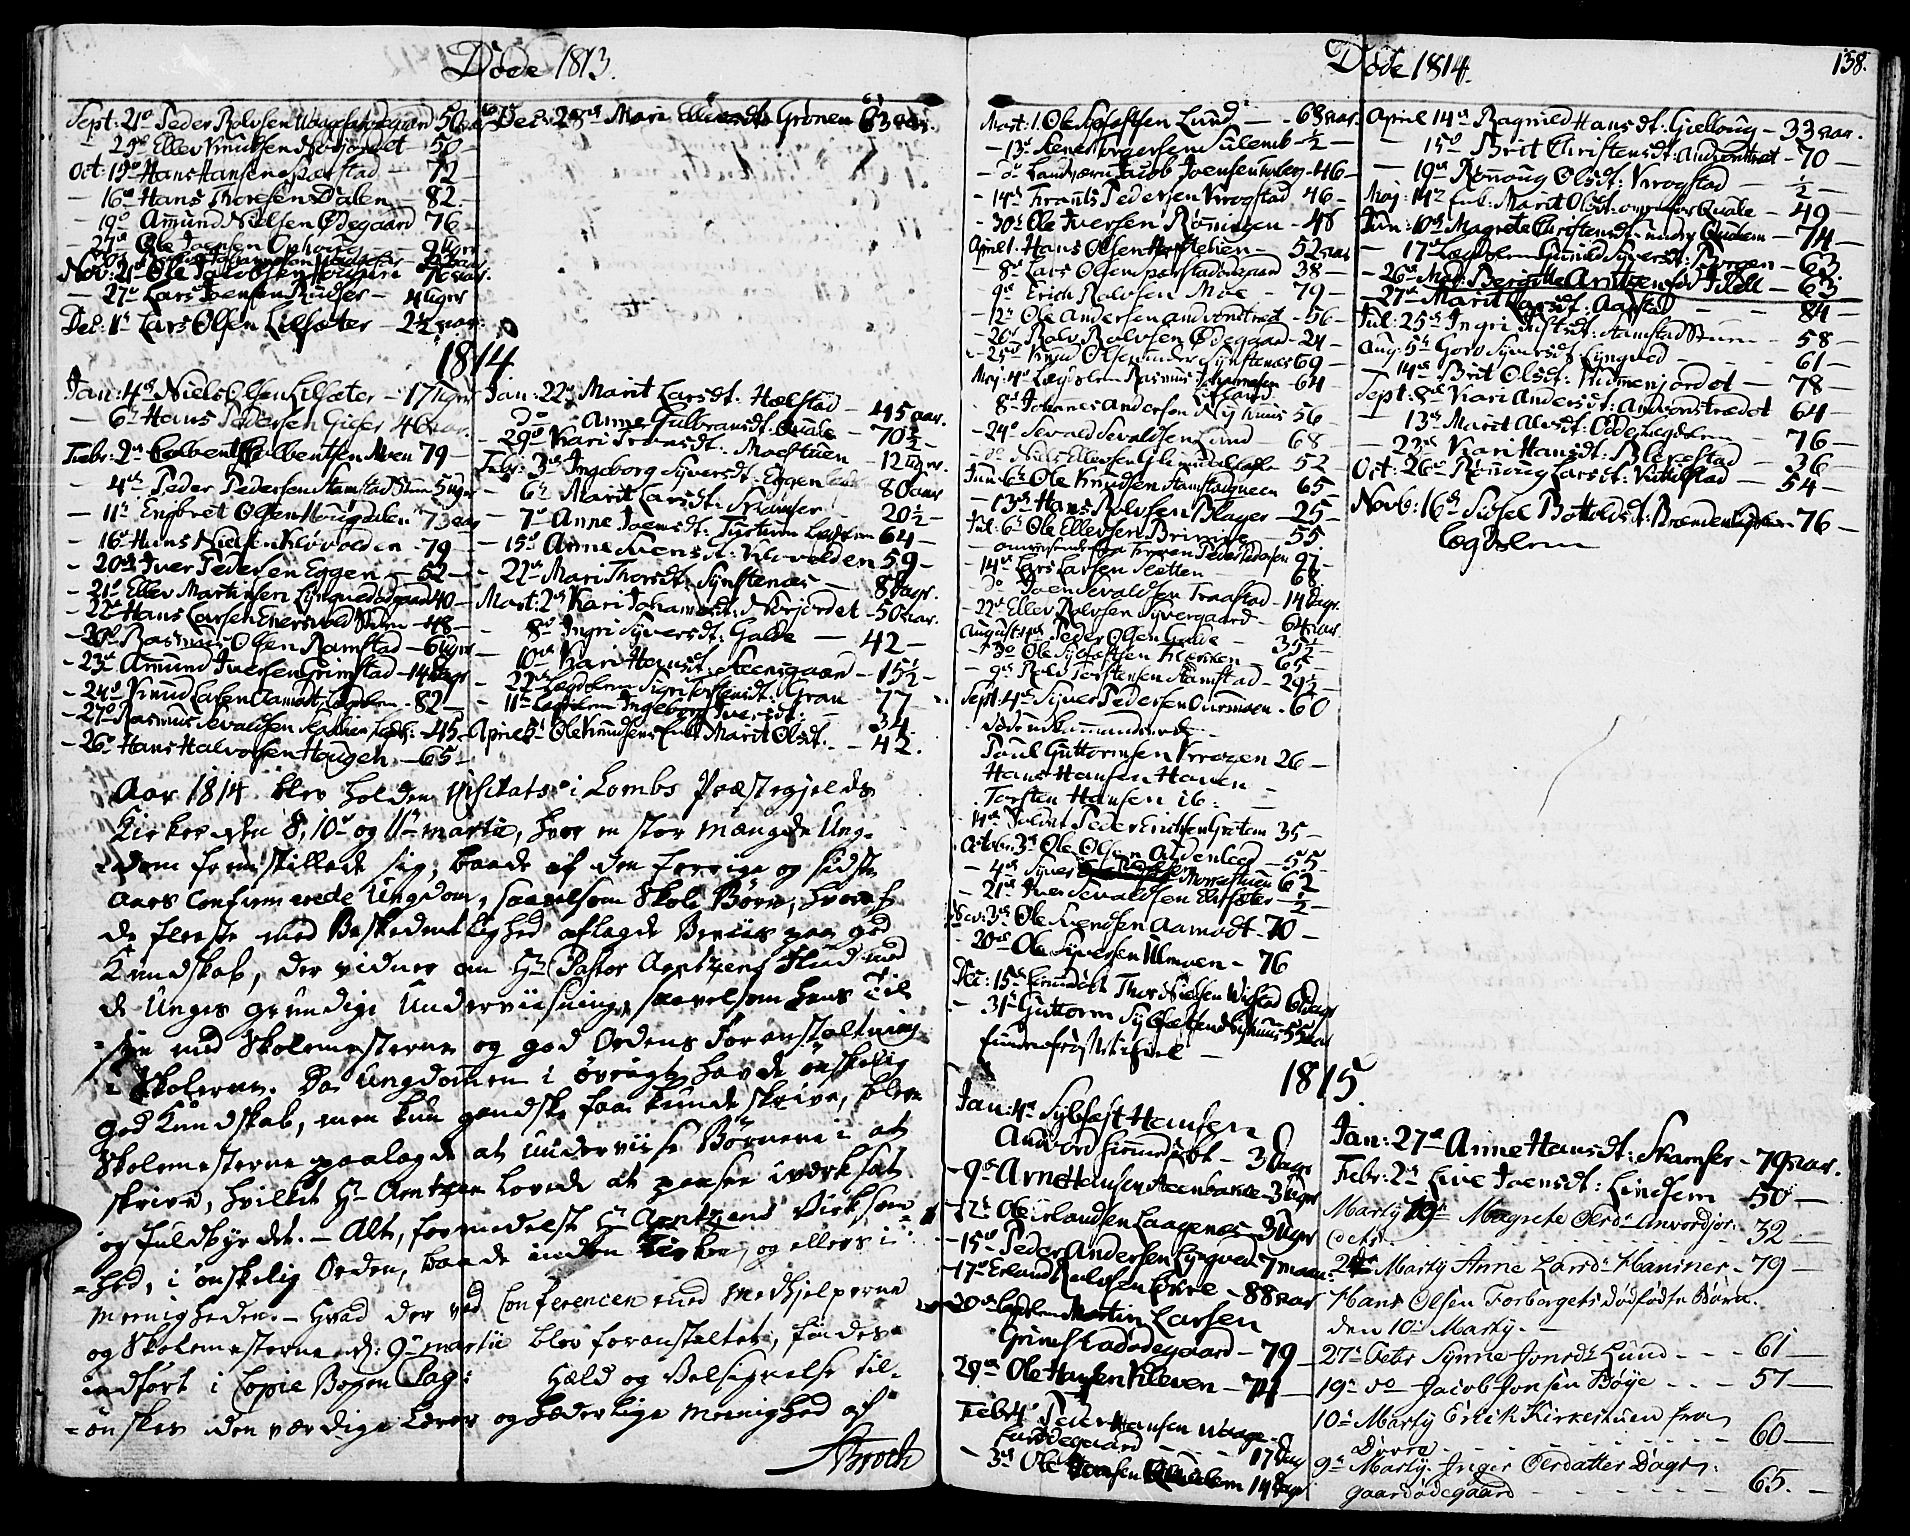 SAH, Lom prestekontor, K/L0003: Ministerialbok nr. 3, 1801-1825, s. 138